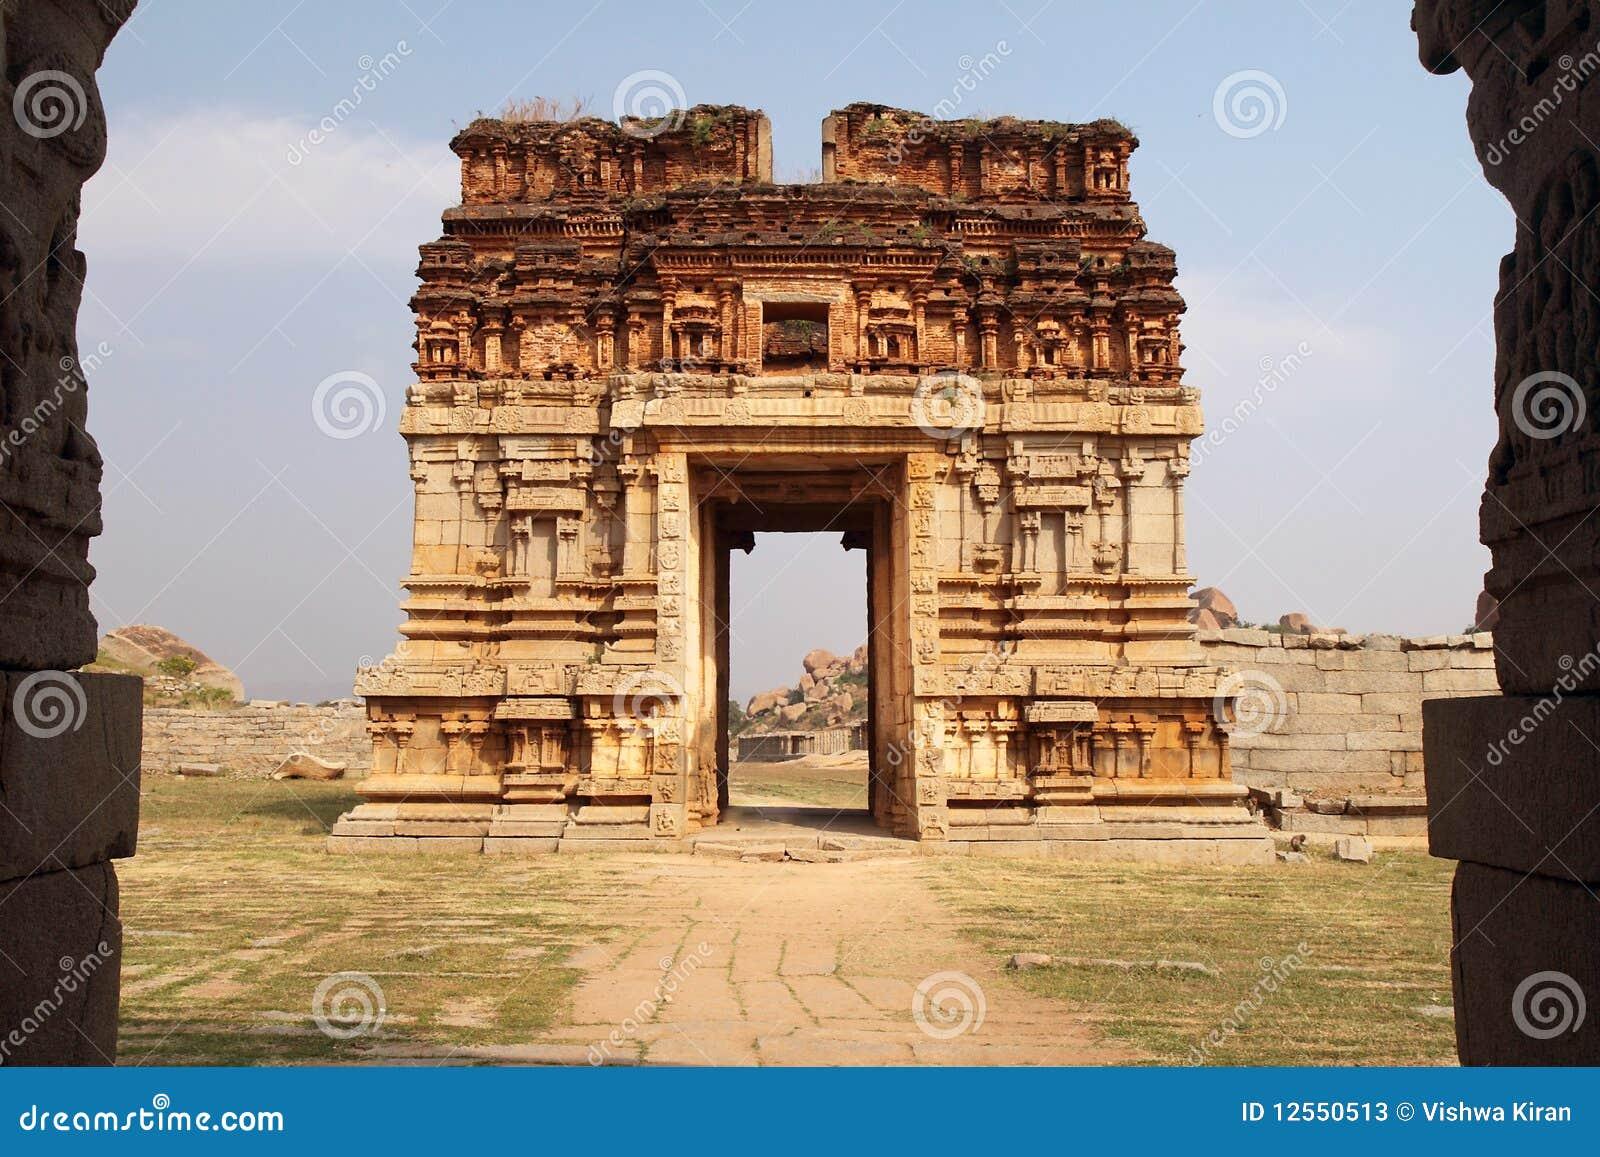 Ruined gateway, hampi